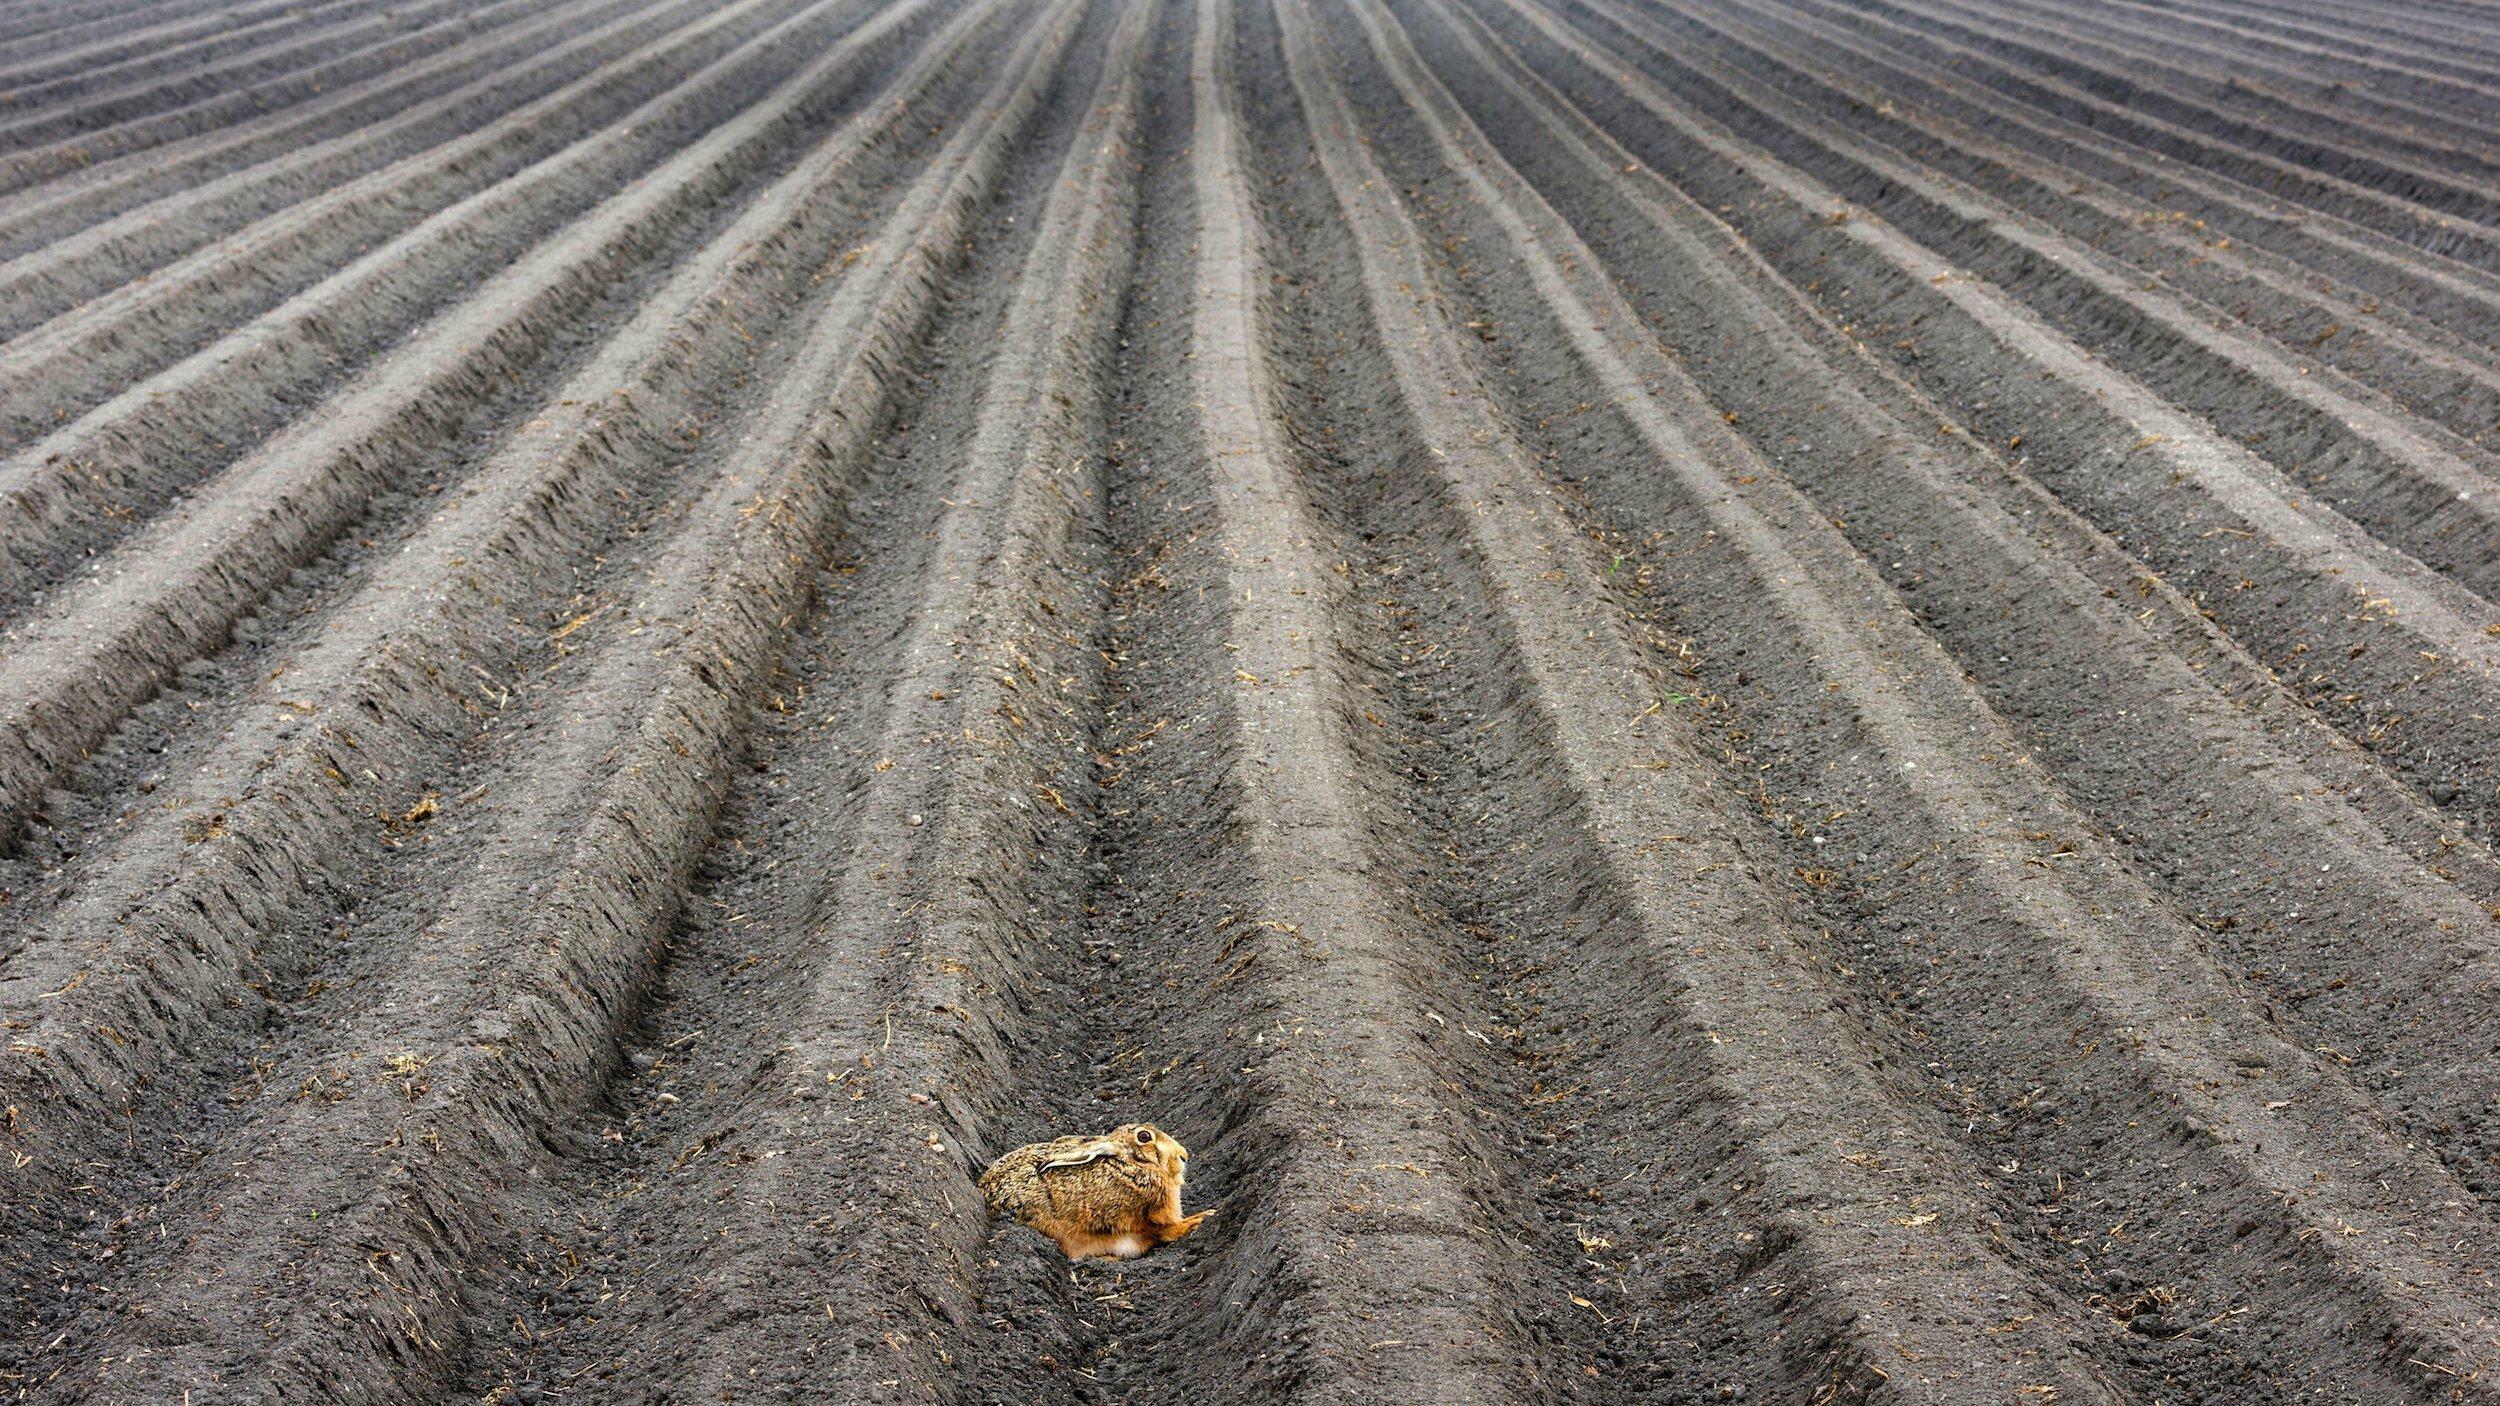 Ein Hase drückt sich in einer ausgeräumten Agrarlandschaft in eine Furche.